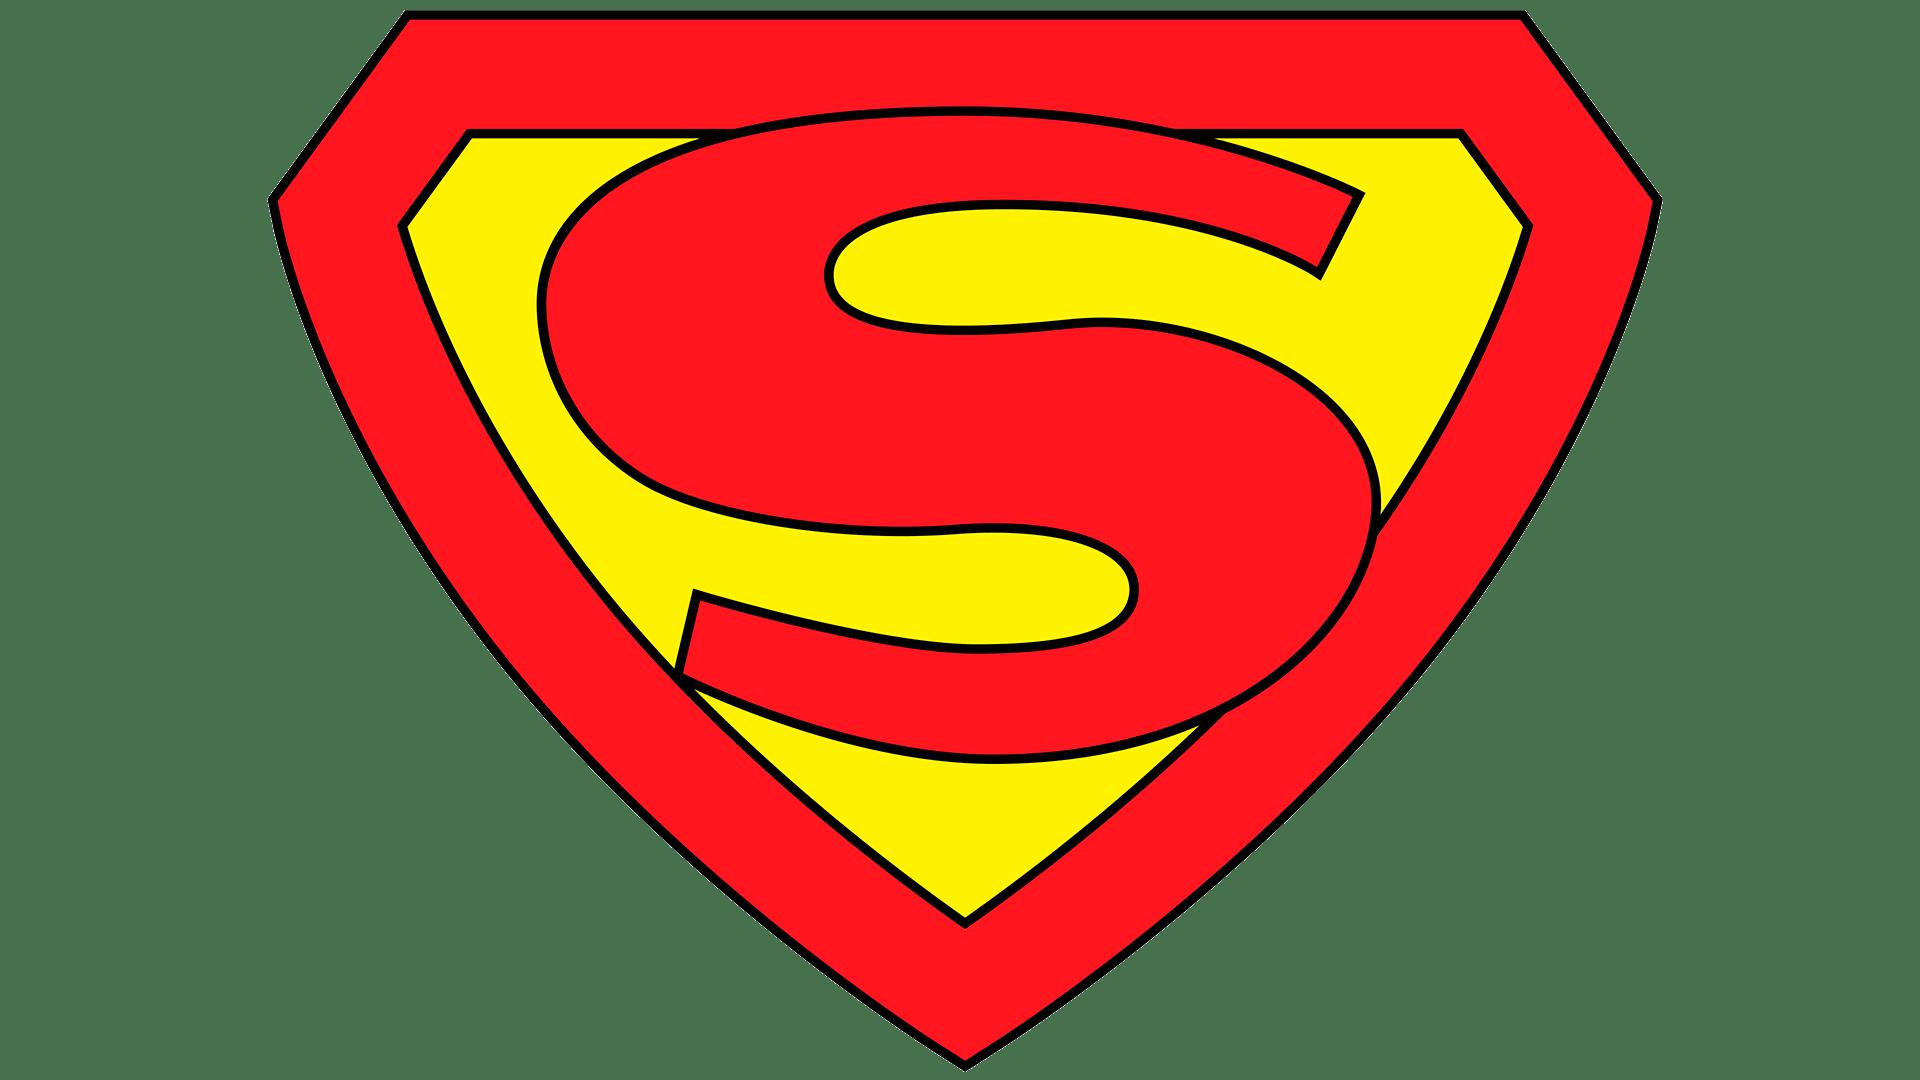 Superman Logo | Significado, História e PNG